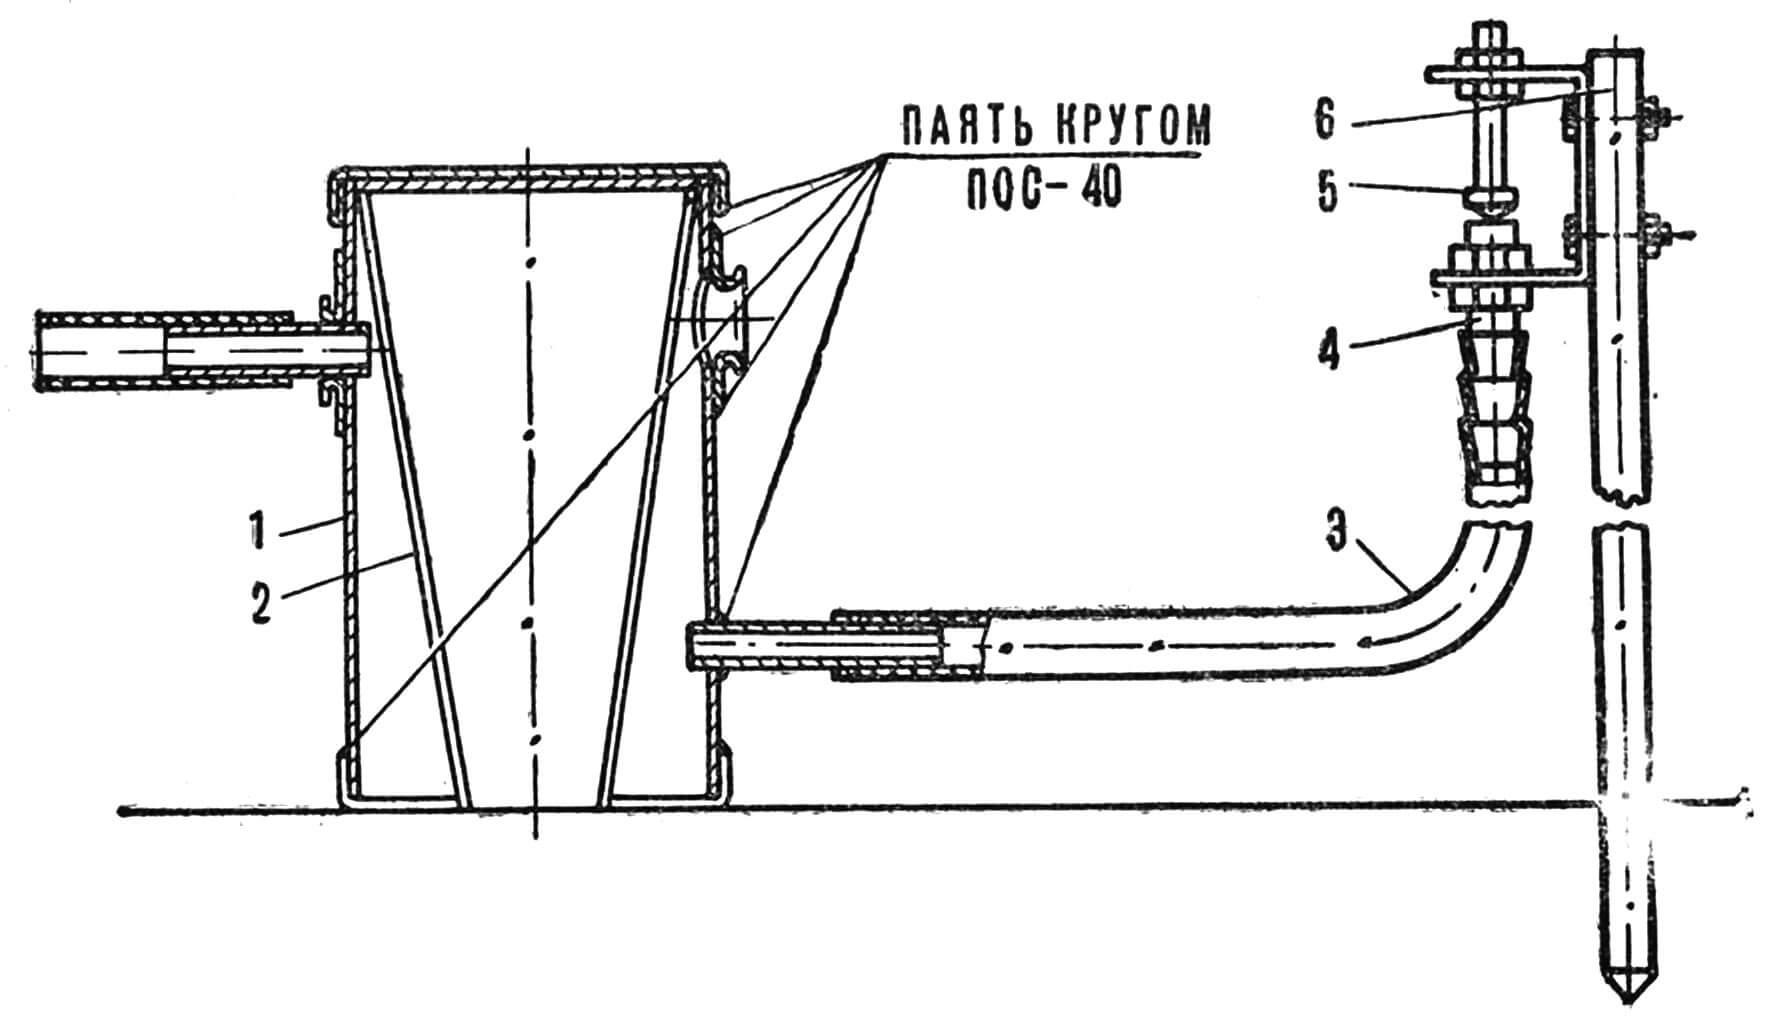 Рис. 1. Общий вид и чертеж короткоструйной дождевальной установки: 1 — подкормочный бачок, 2 — решето, 3 — шланг, 4 — сопло, 5 — конус, 6 — стойка.